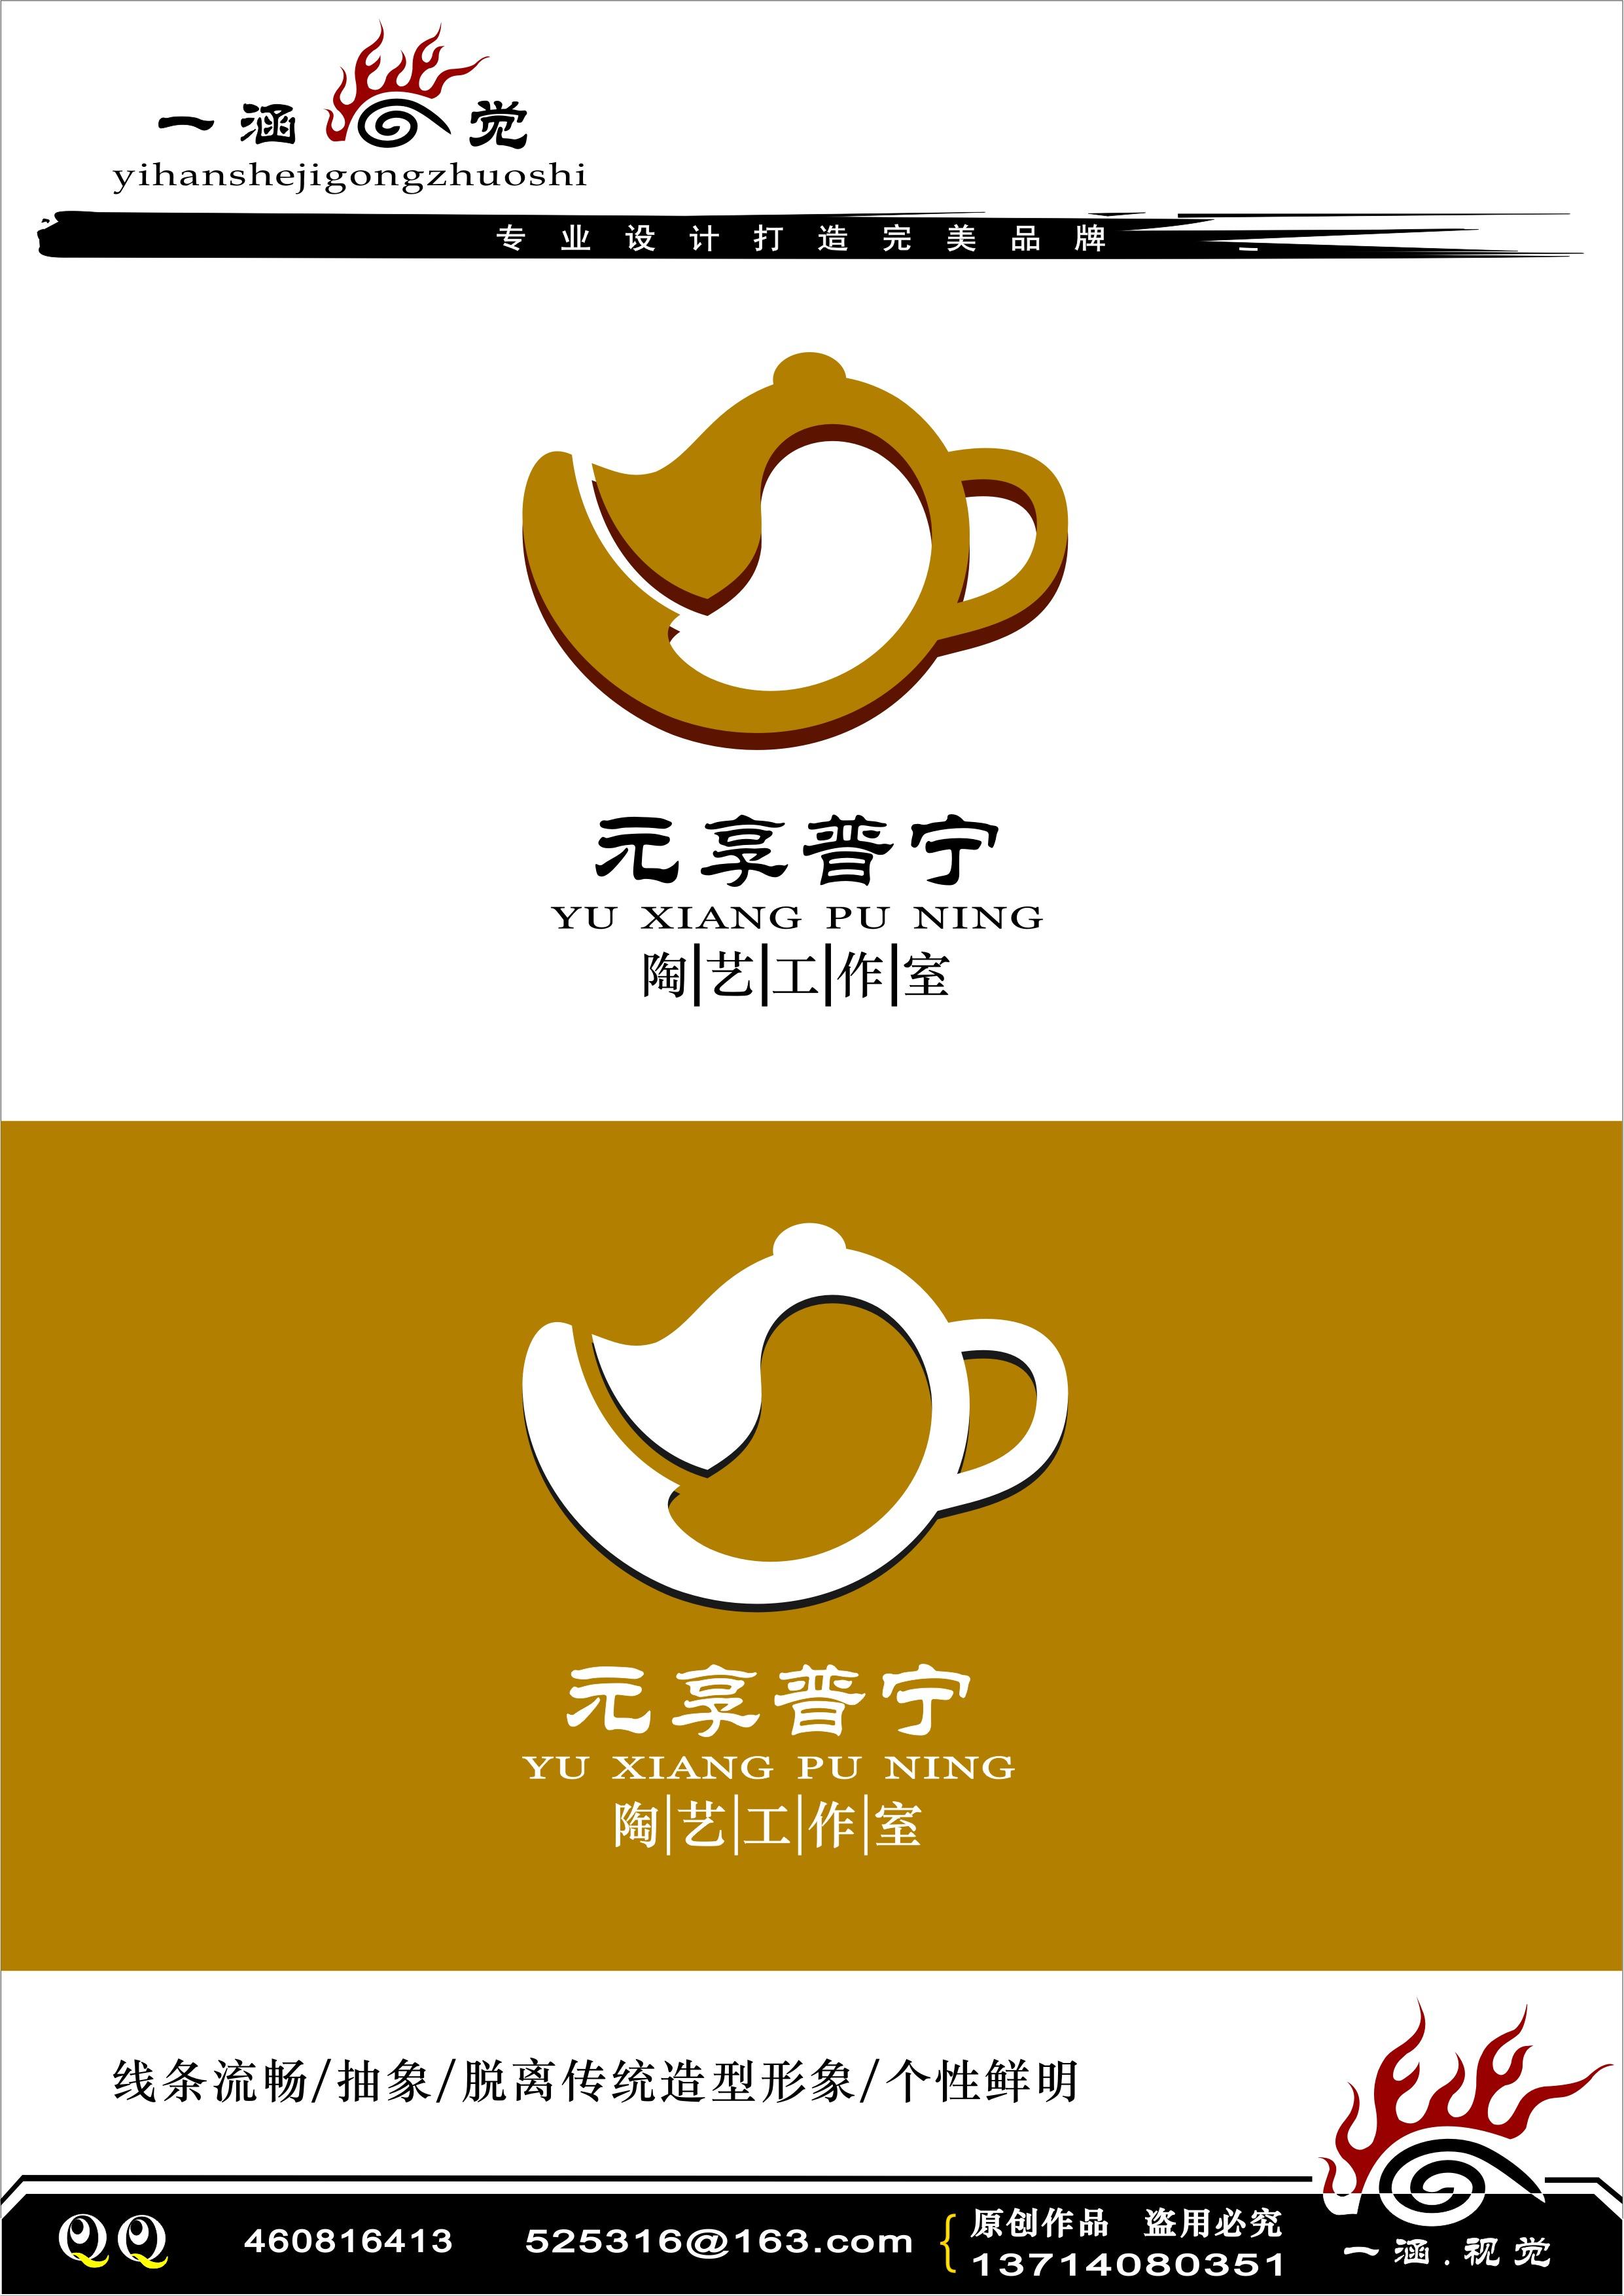 陶艺家卢剑星先生工作室logo设计